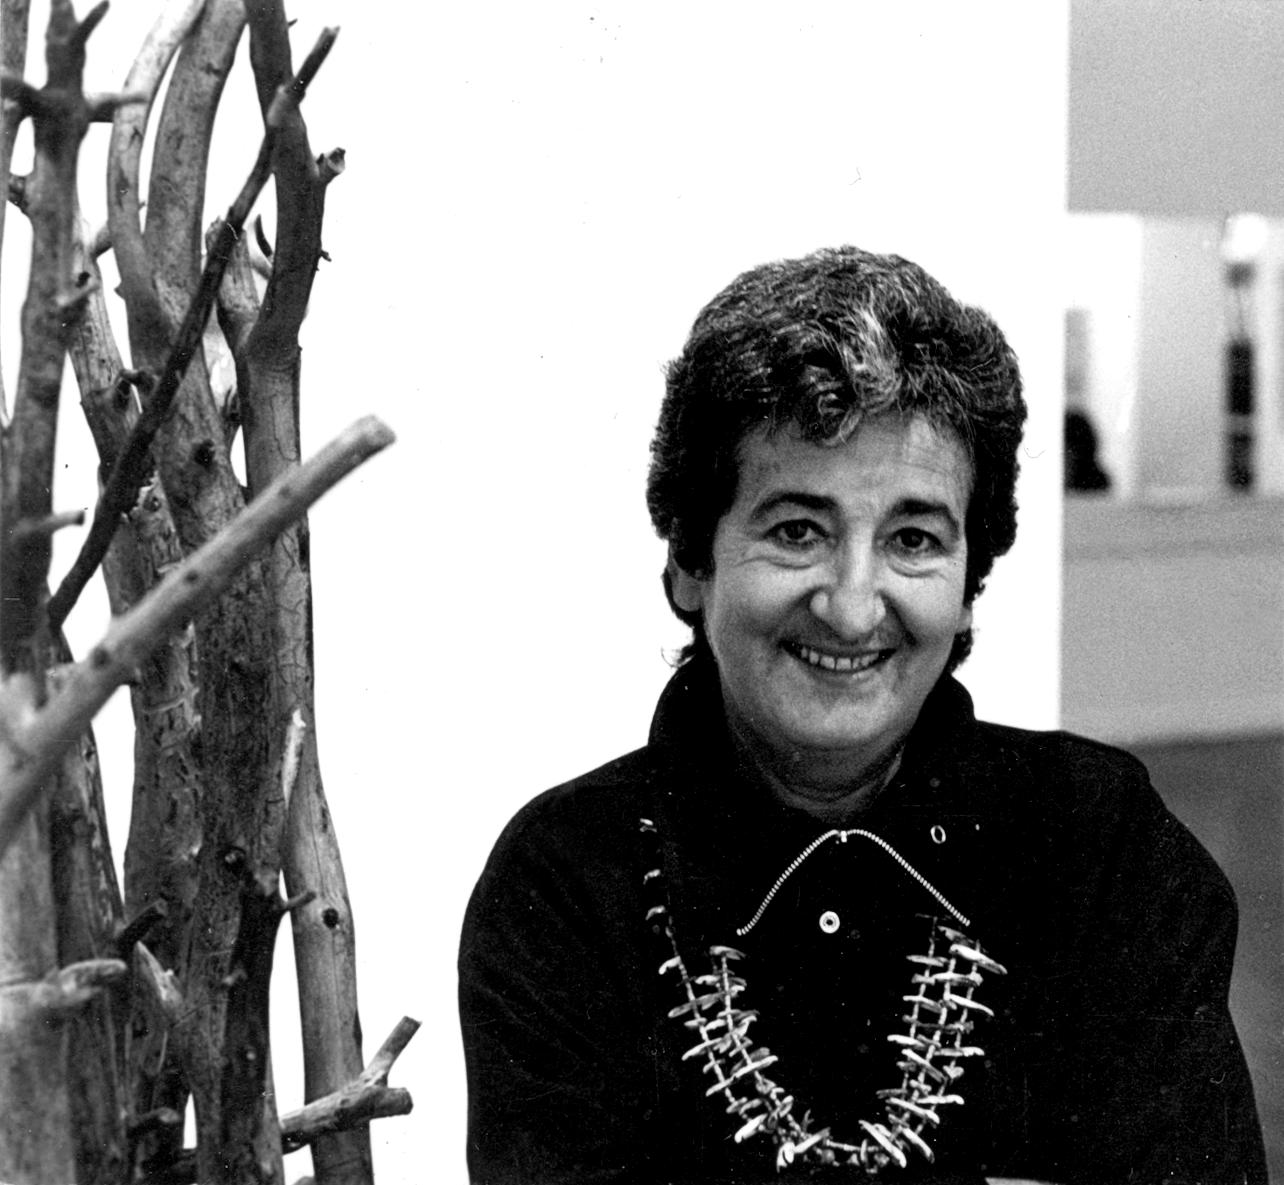 Ruth Braunstein photographed at Braunstein Quay Gallery c. 1980